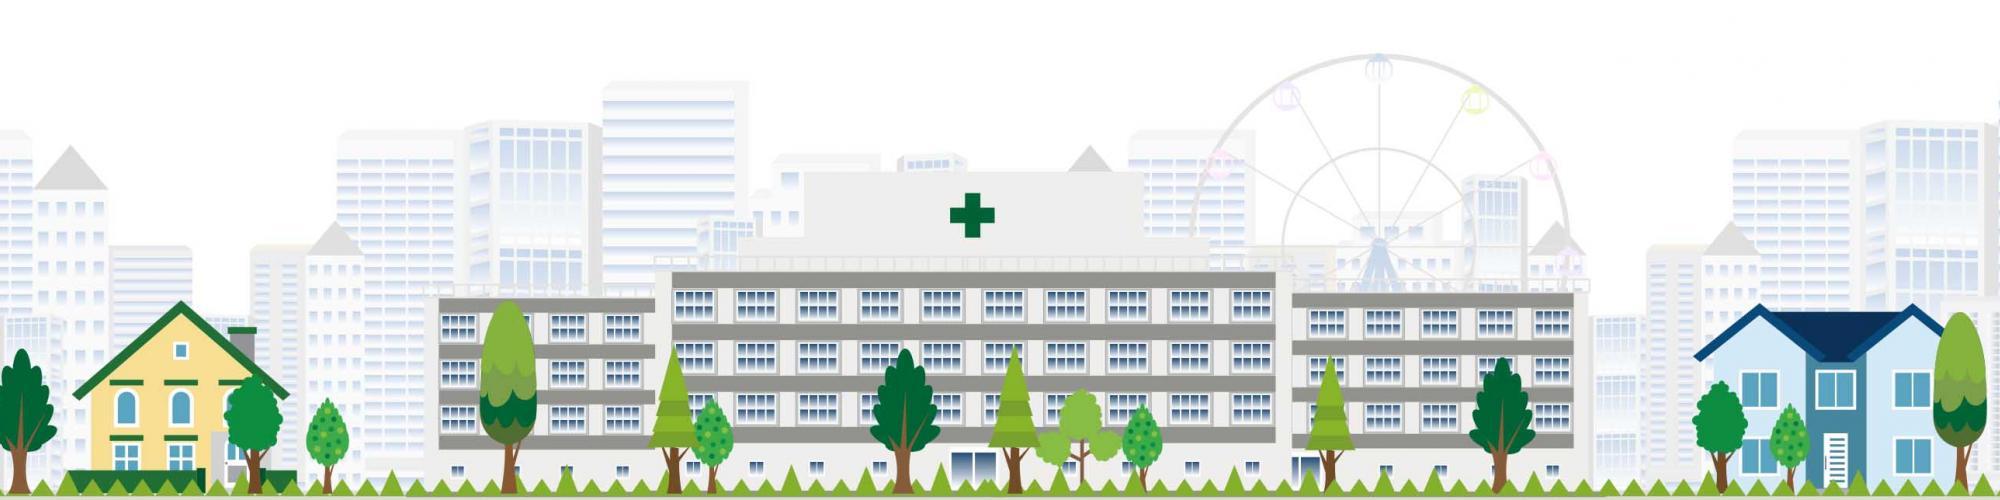 SYNLAB Medizinisches Versorgungszentrum Kassel GmbH